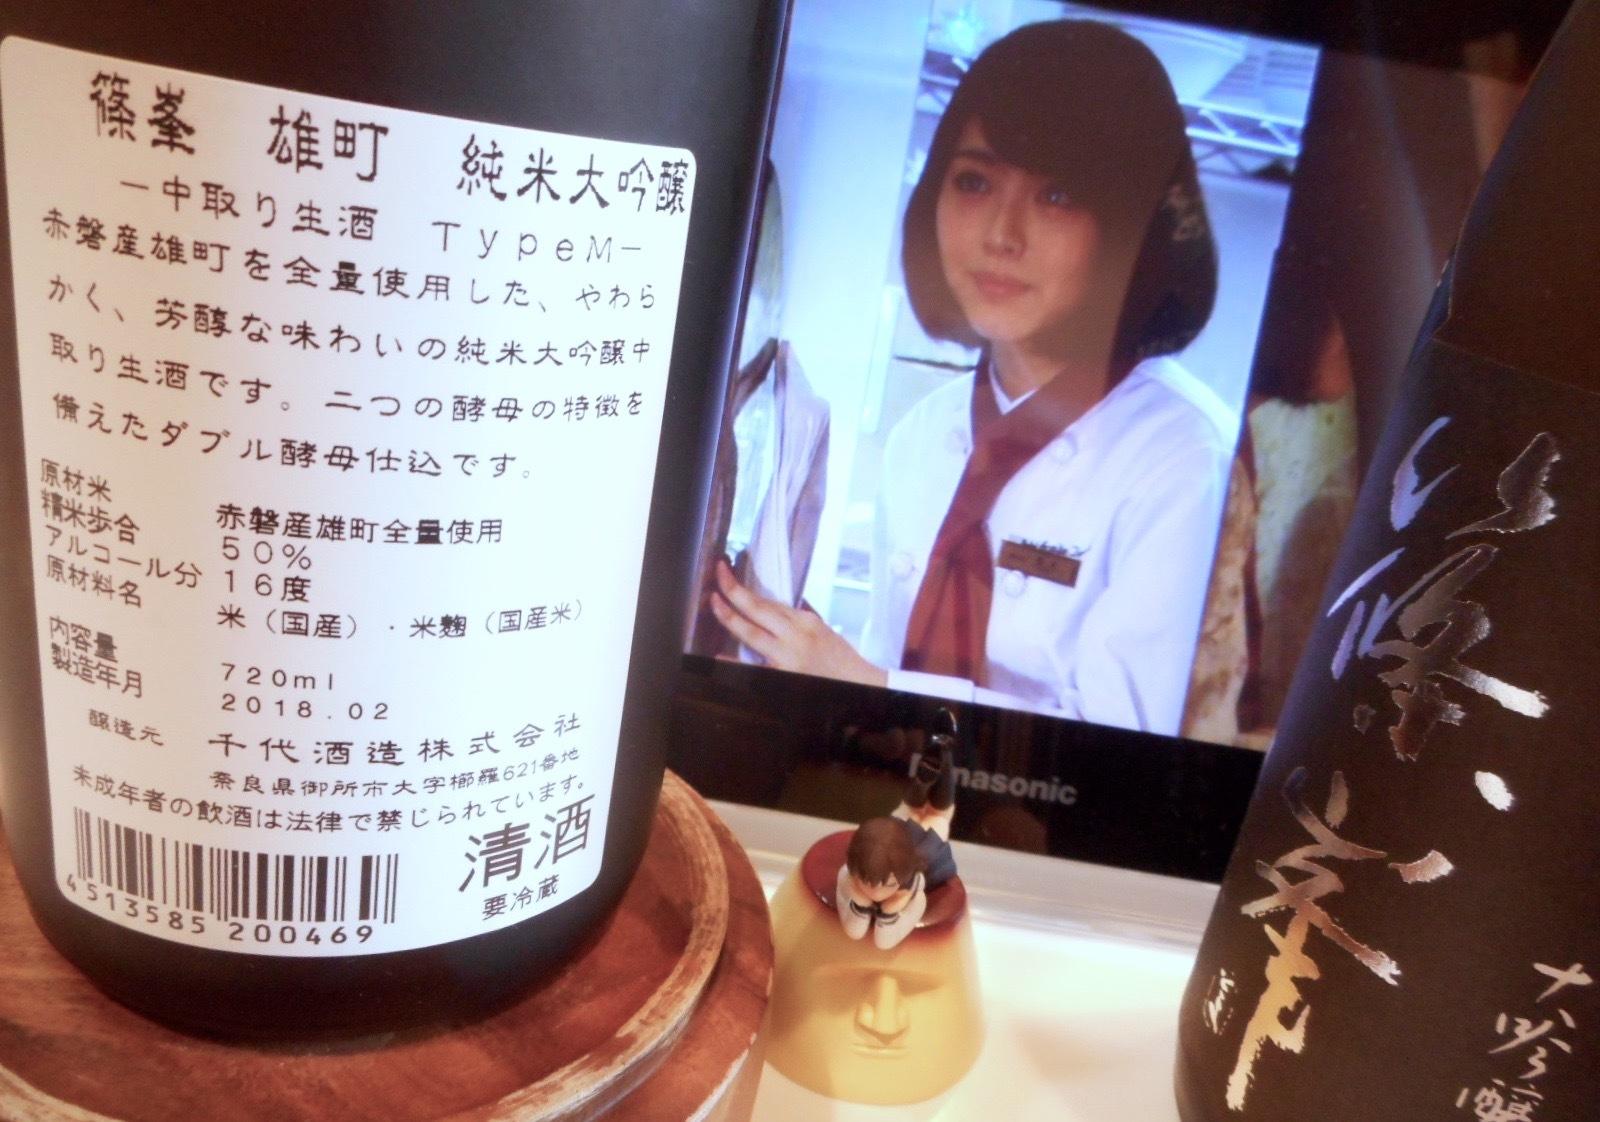 shinomine_typeM29by2.jpg